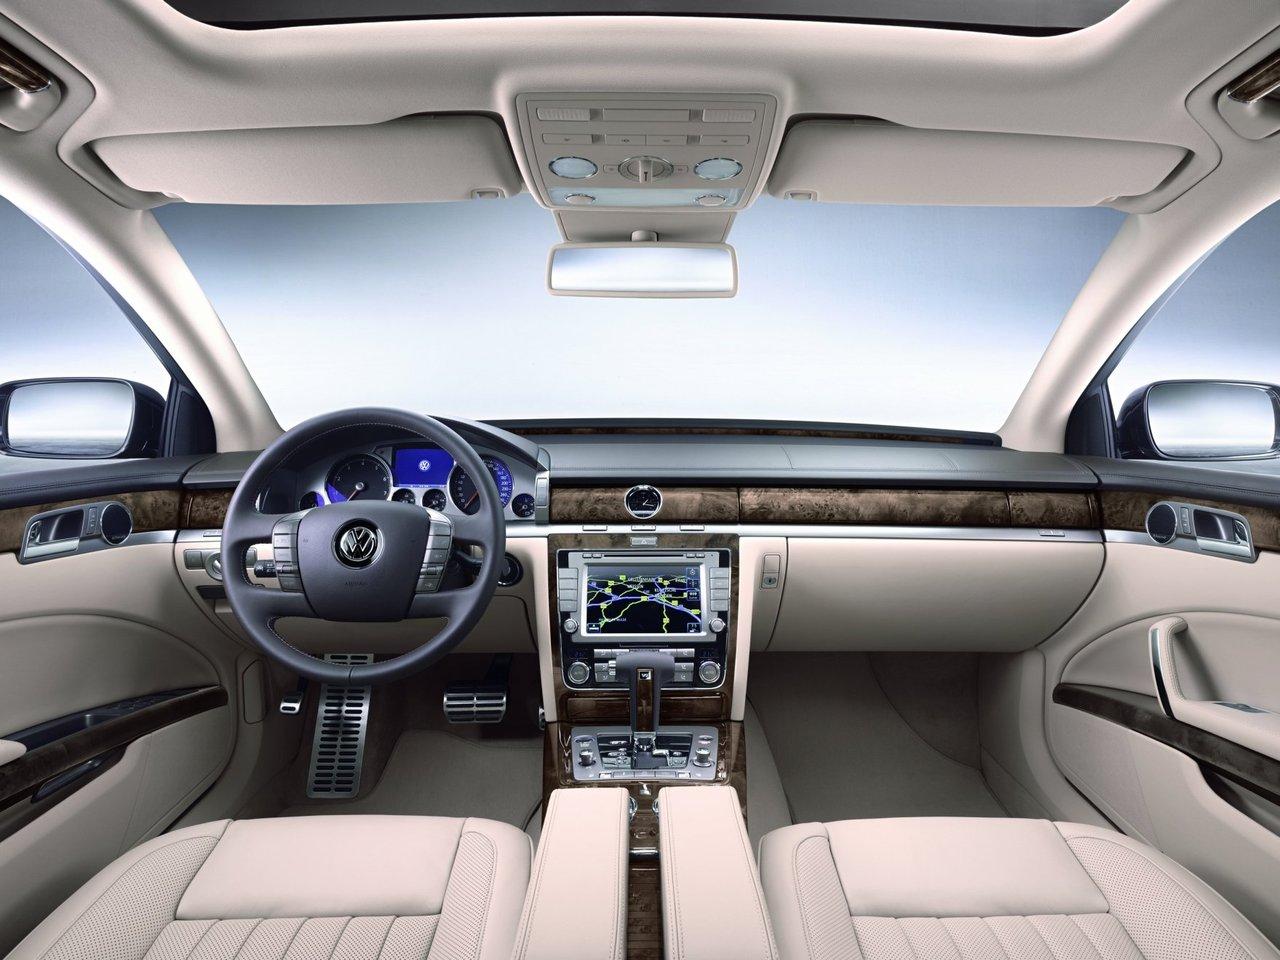 Снимки: Volkswagen Phaeton Facelift